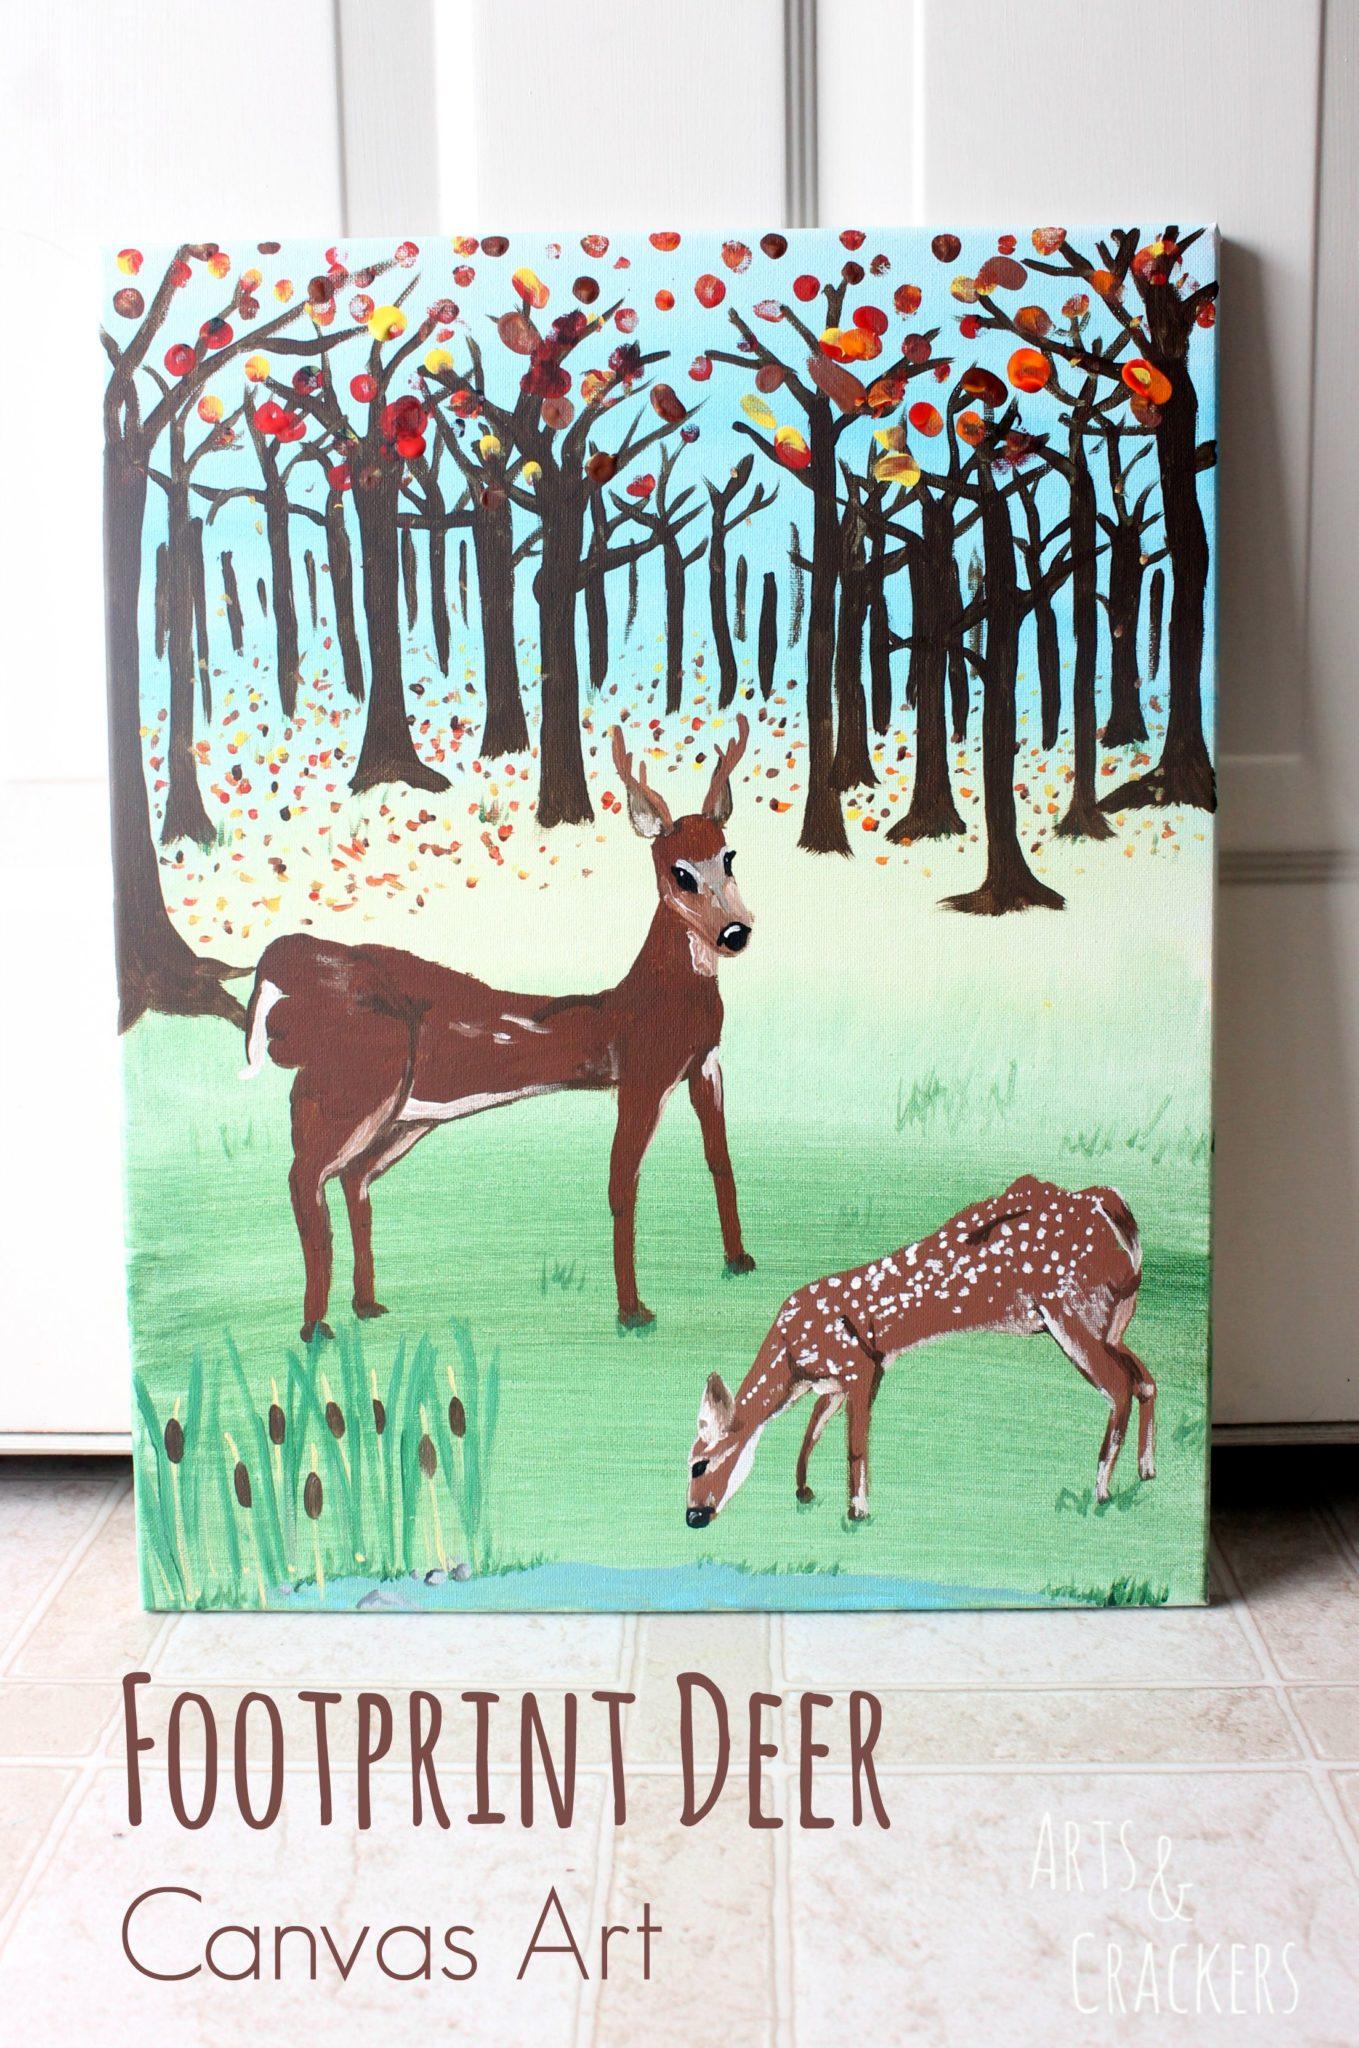 Footprint Deer Canvas Art